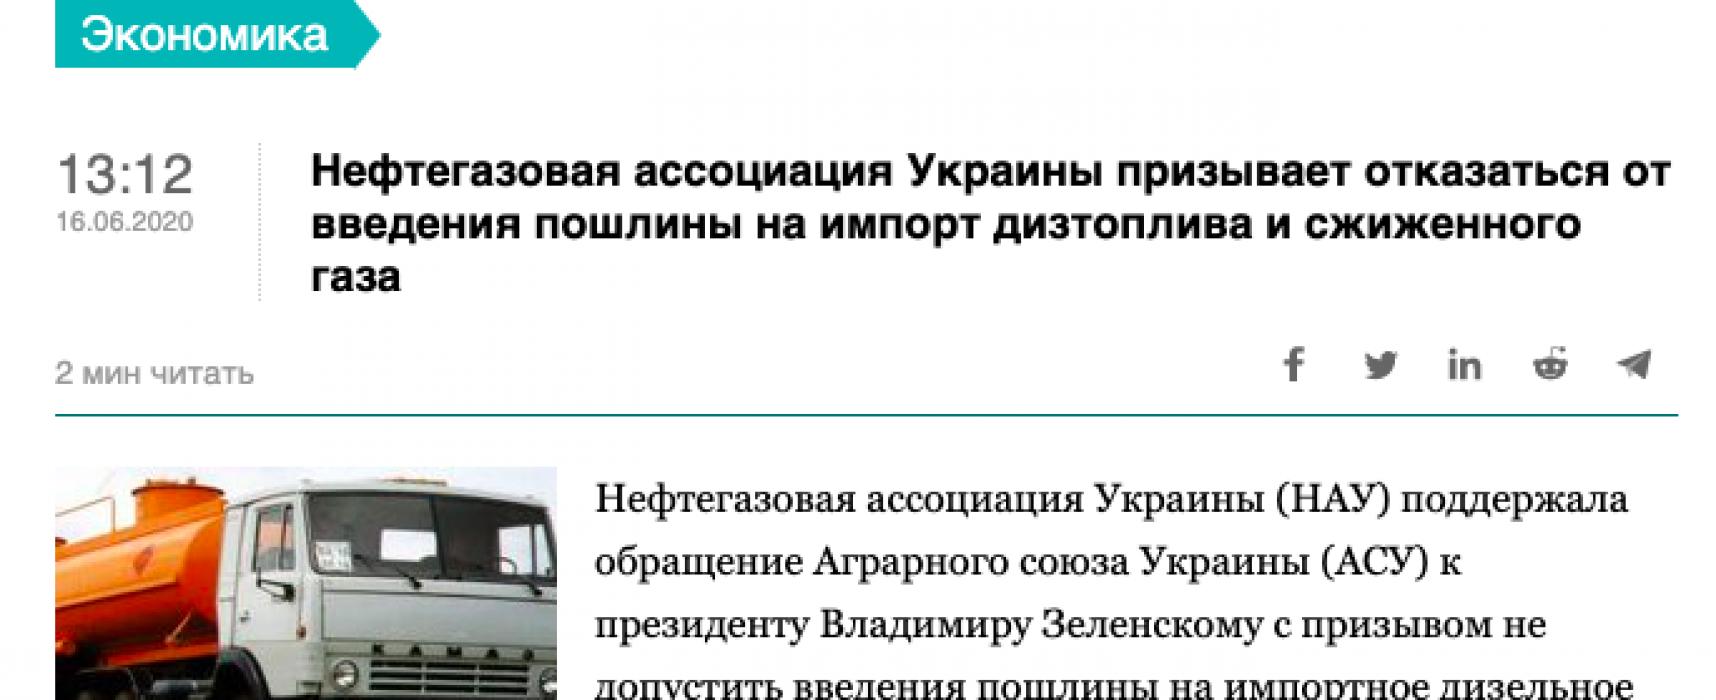 Фейк: В Україні придумали, як ще спробувати «обдерти» Росію